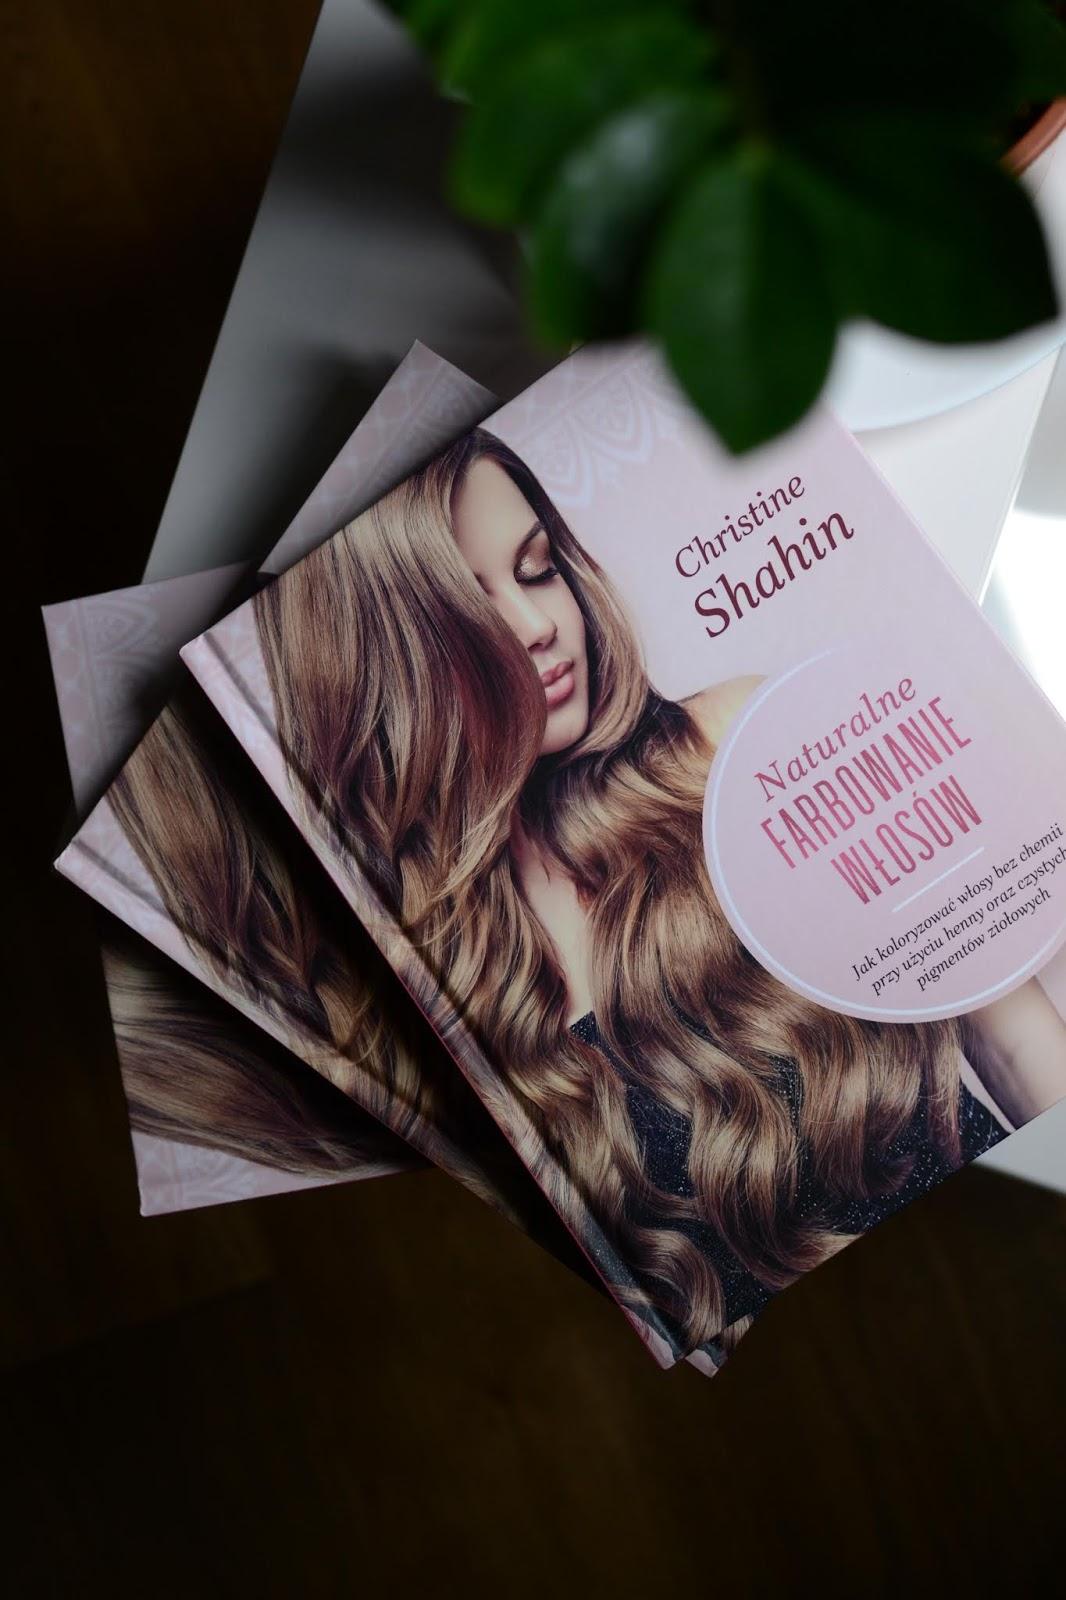 Naturalne farbowanie włosów - recenzja książki, której patronem medialnym jesteśmy. Konkurs dla Was!!